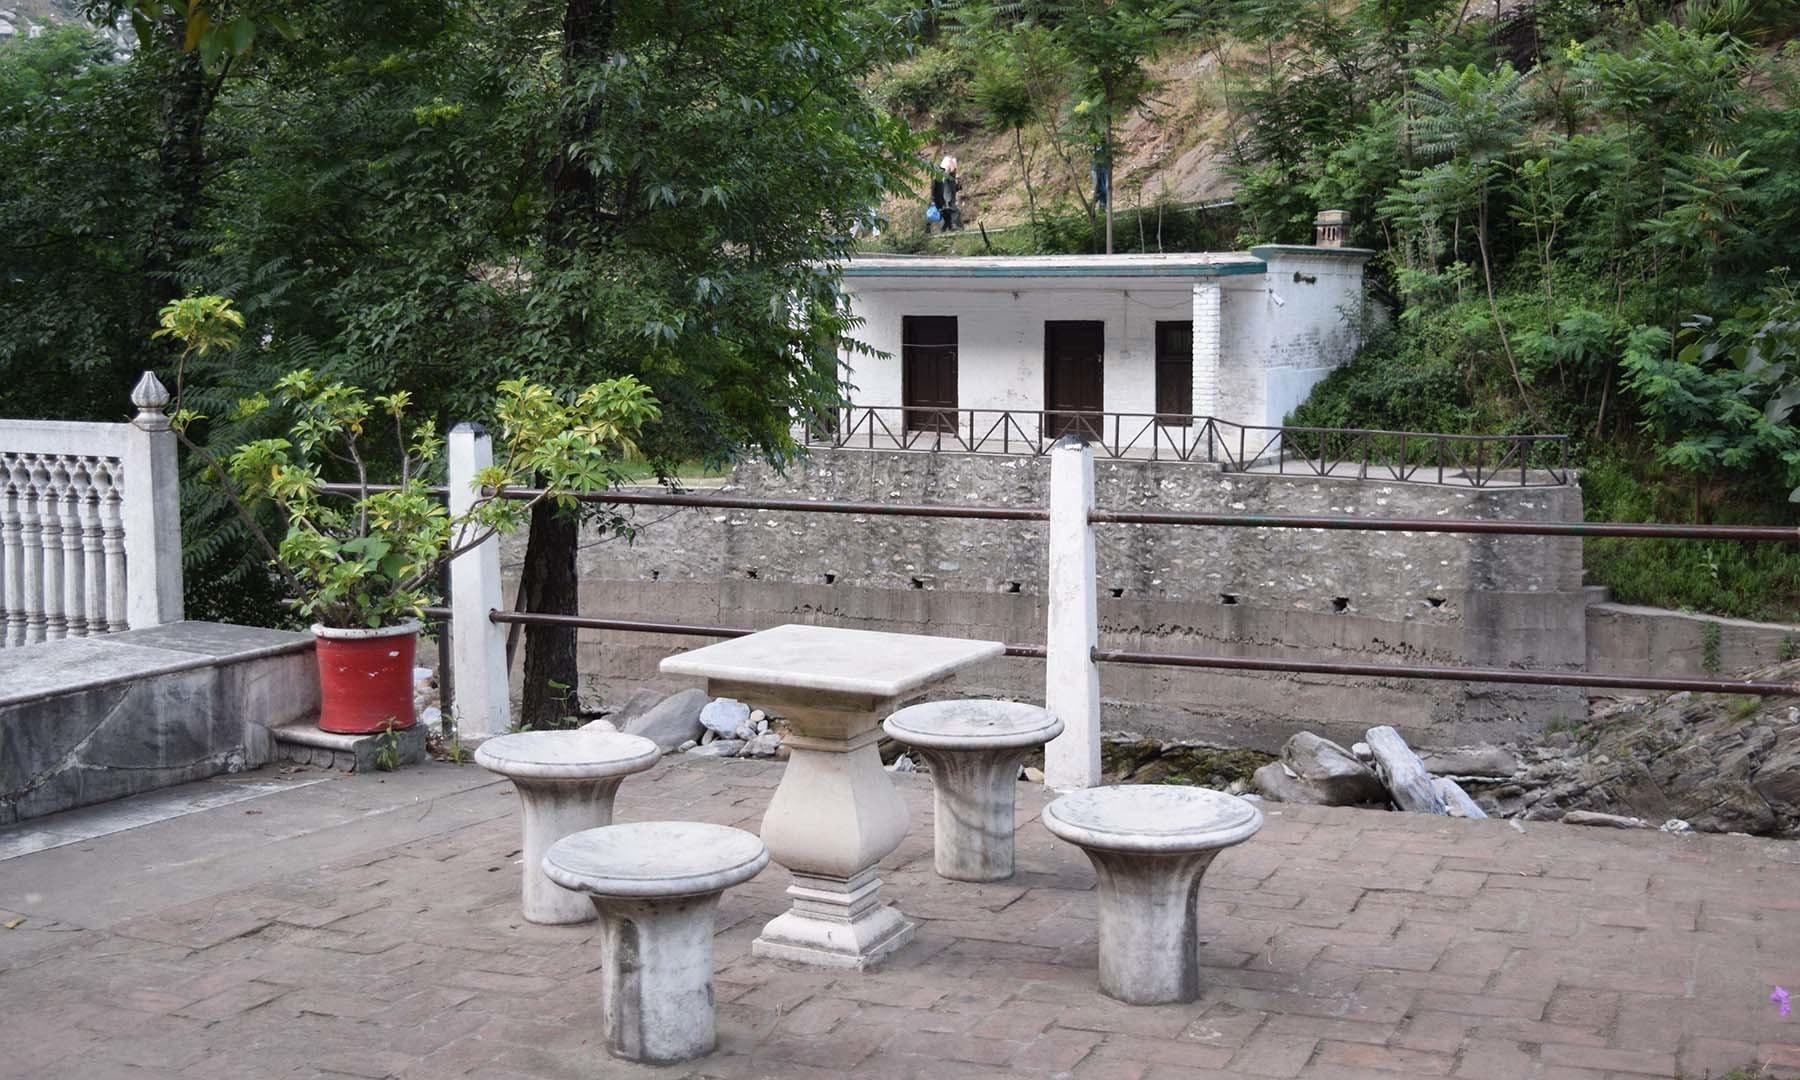 سفید محل کے صحن میں اسٹولوں اور میز کا دوسرا منظر۔